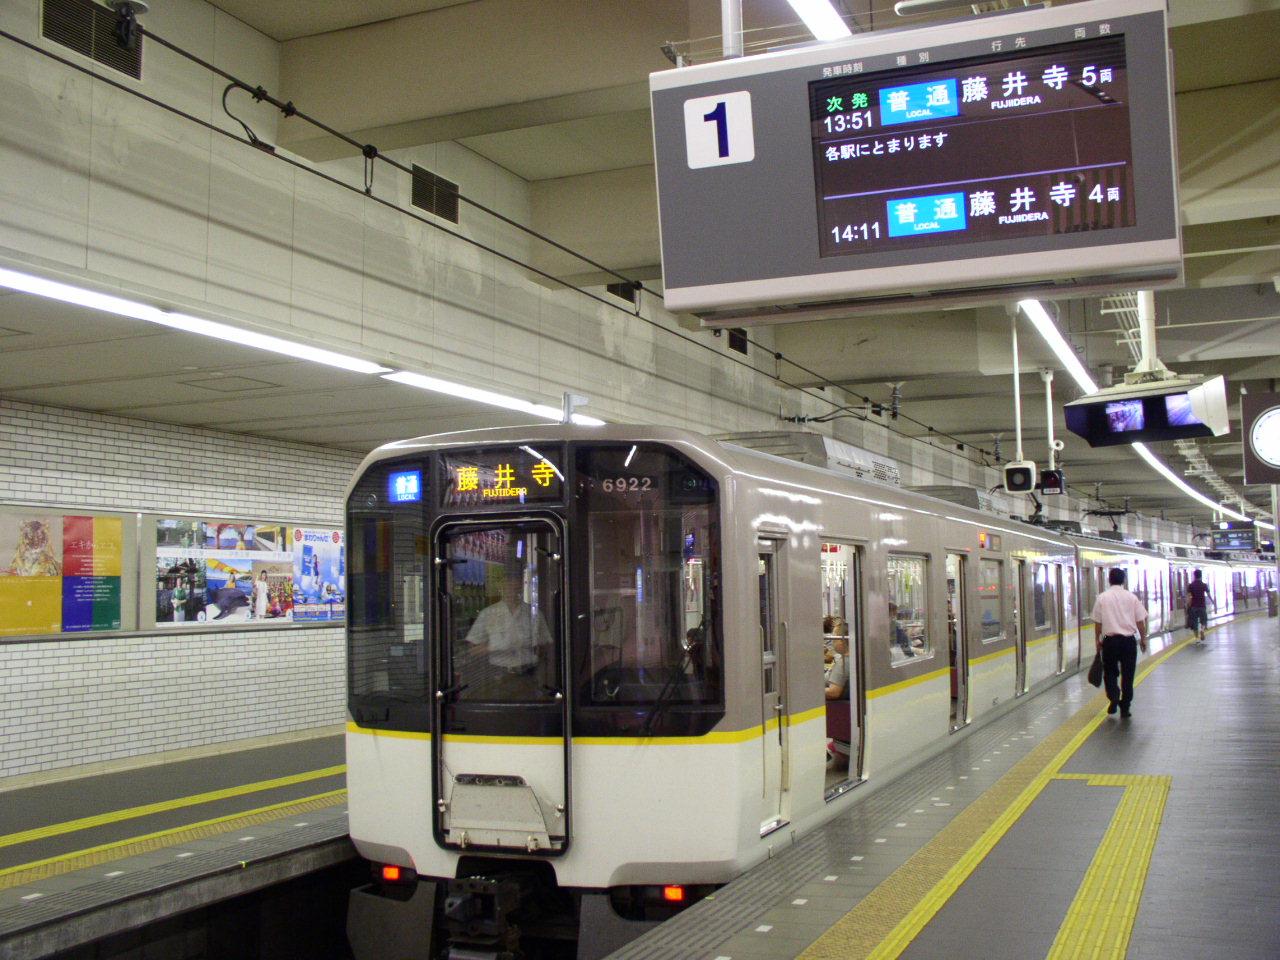 近鉄南大阪線のシリーズ21 : 交野が原道草